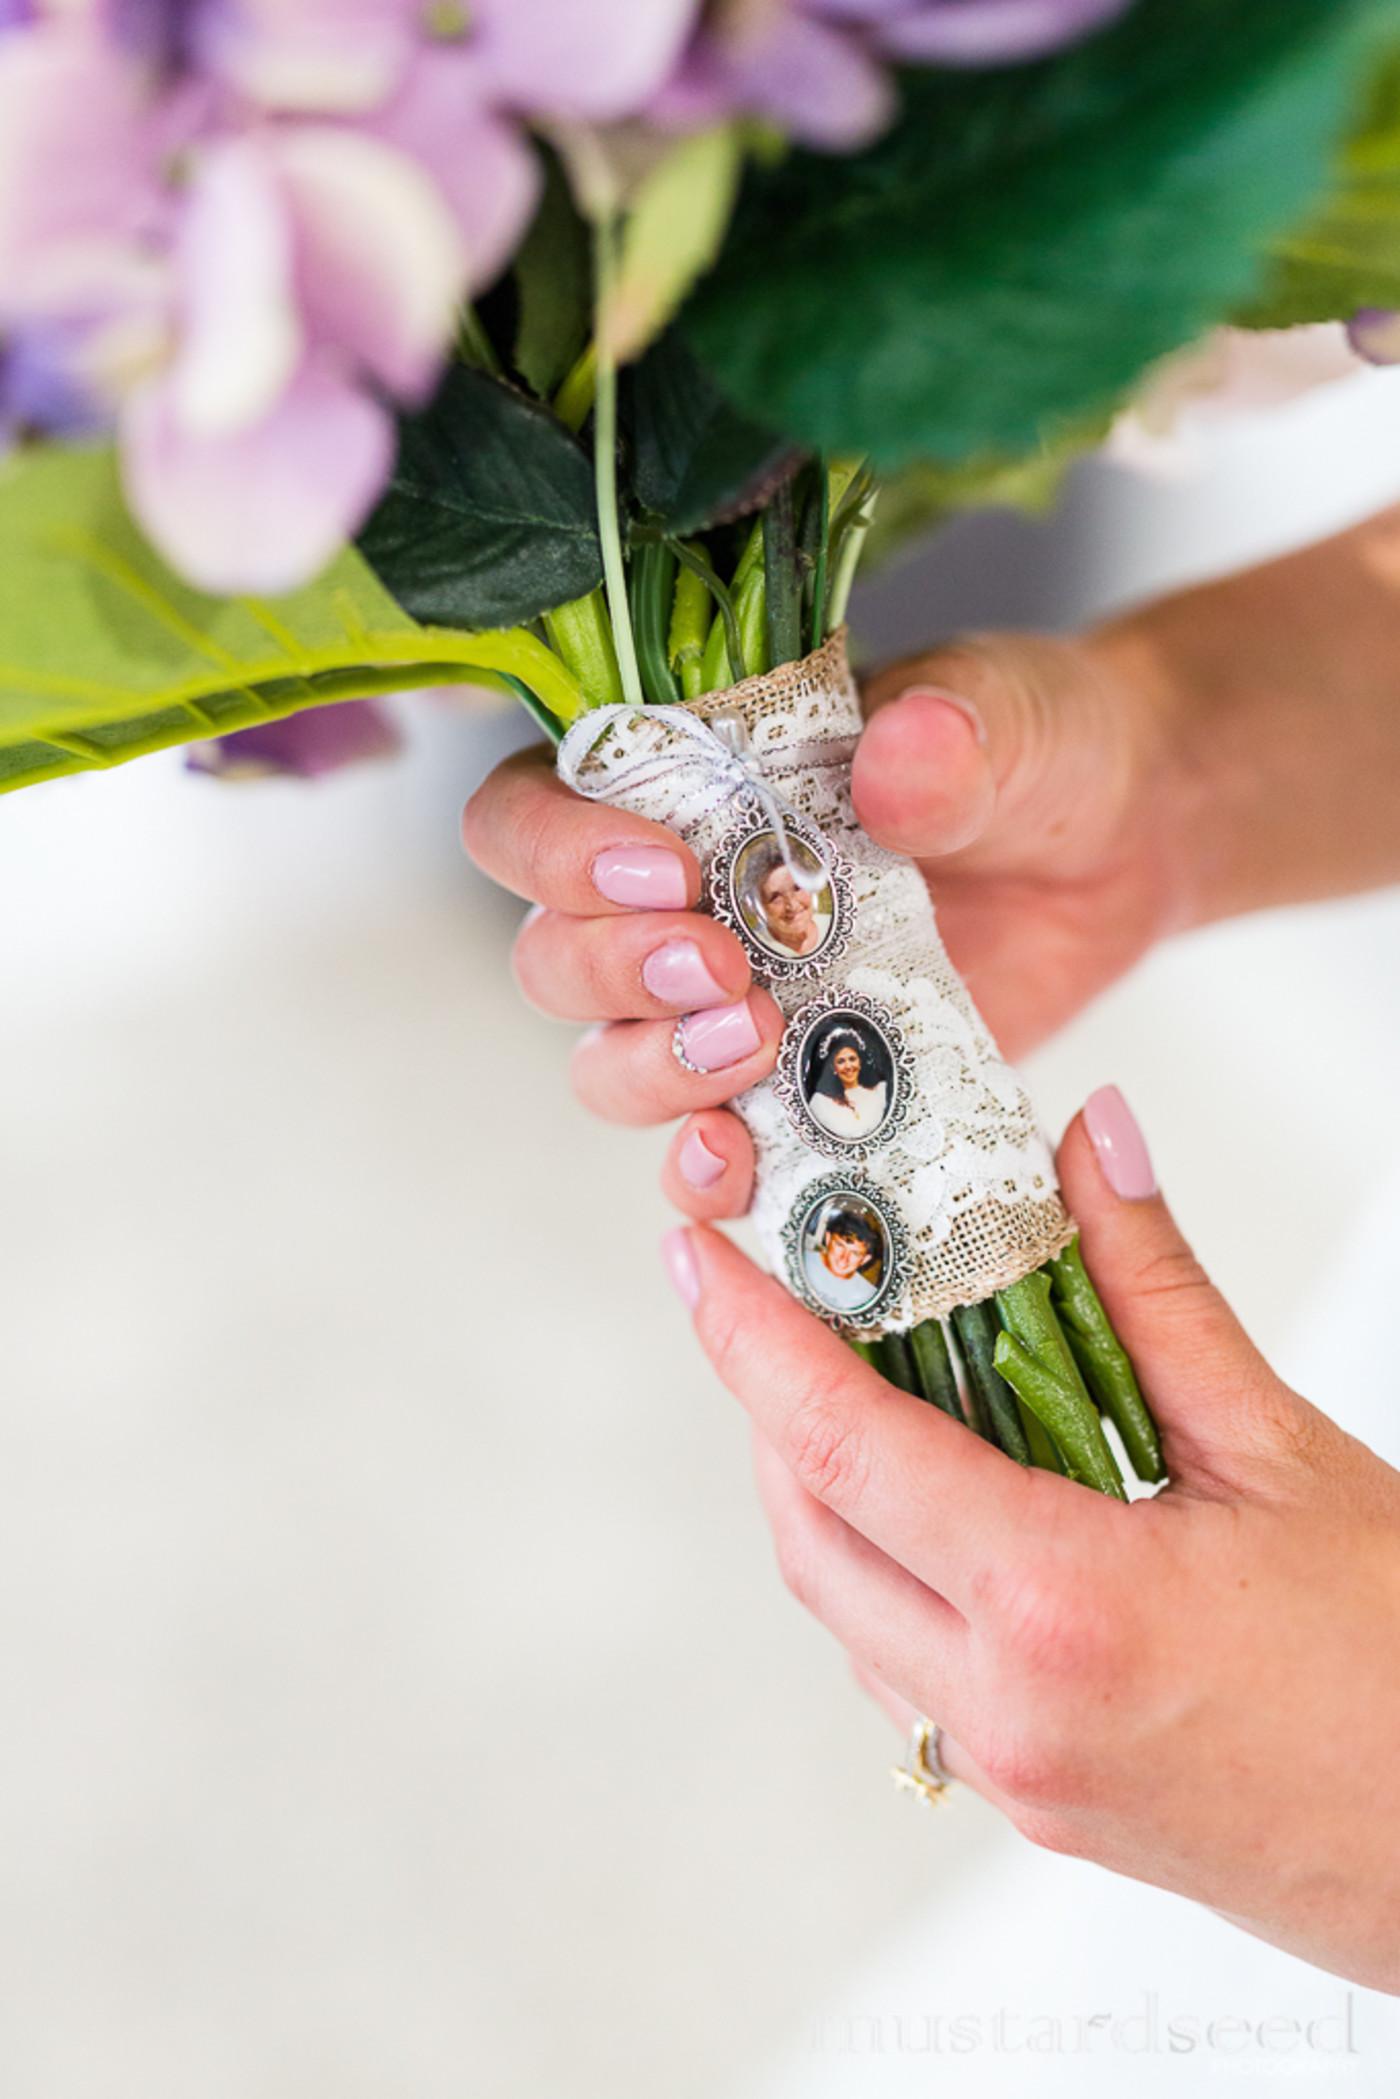 Single photo memory bouquet charm Single Bouquet Photo Charm Bridal flower bouquet keepsake charm bride photo keepsake pendant gift.